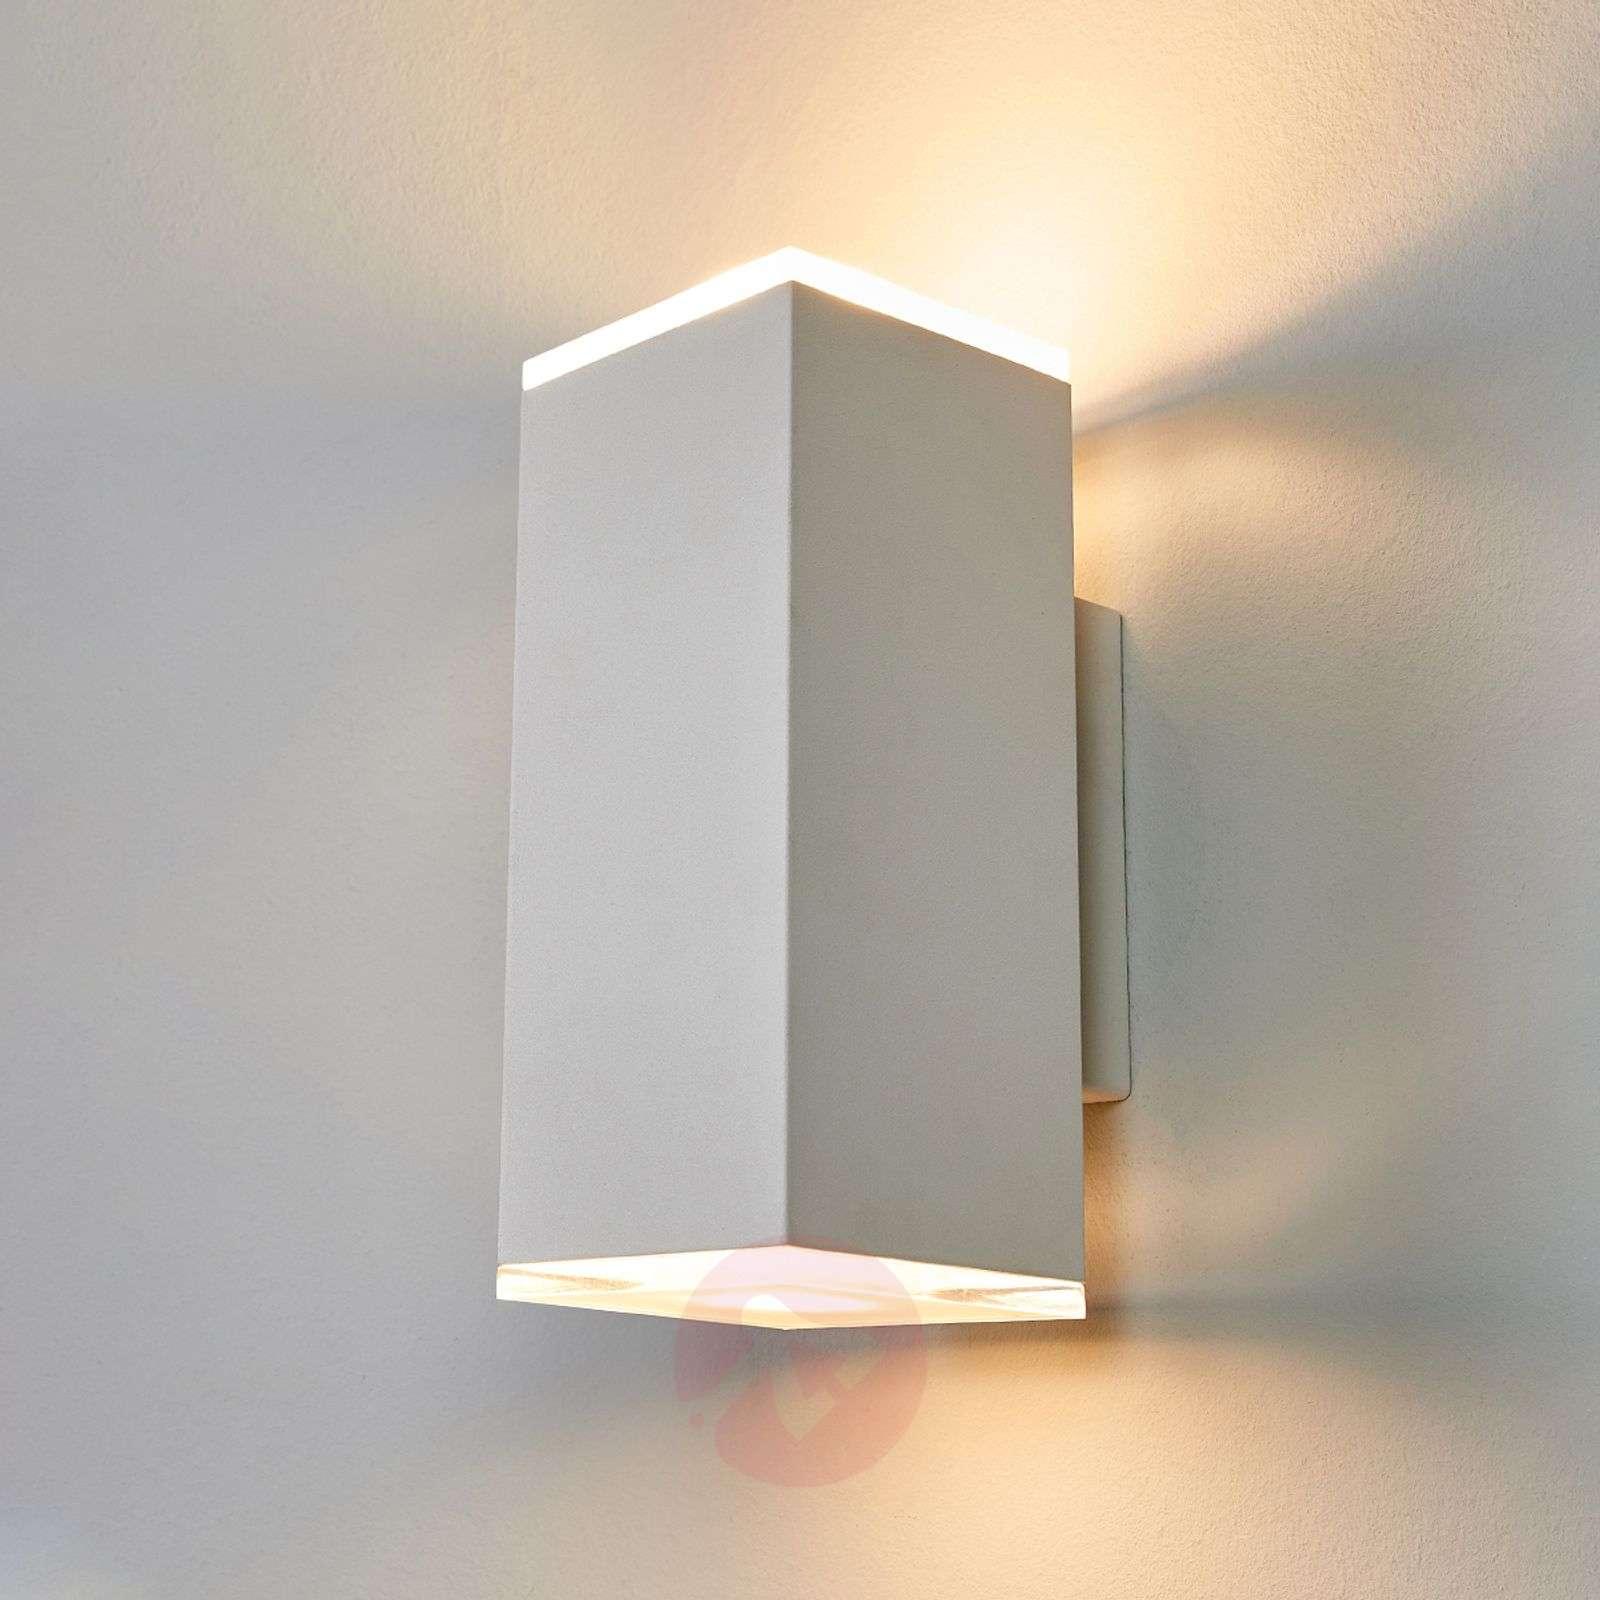 White rectangular led wall lamp scarlet